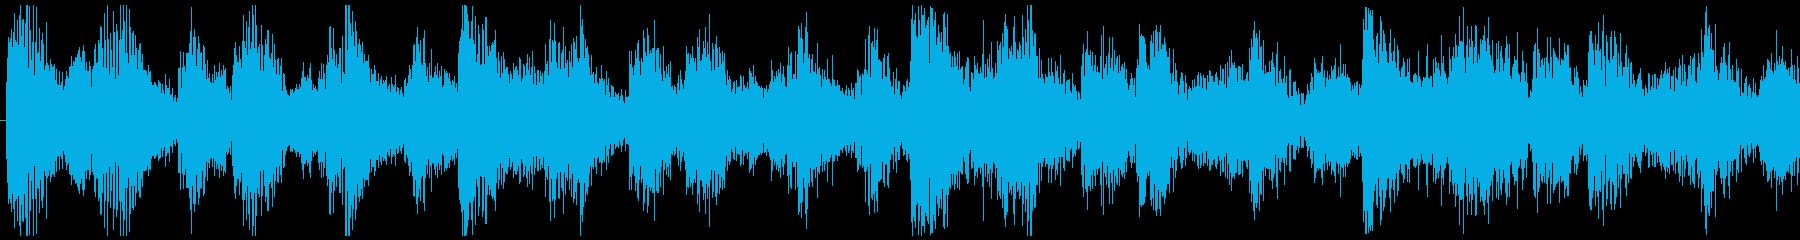 爽やかな朝に聞くBGM-ループ4の再生済みの波形